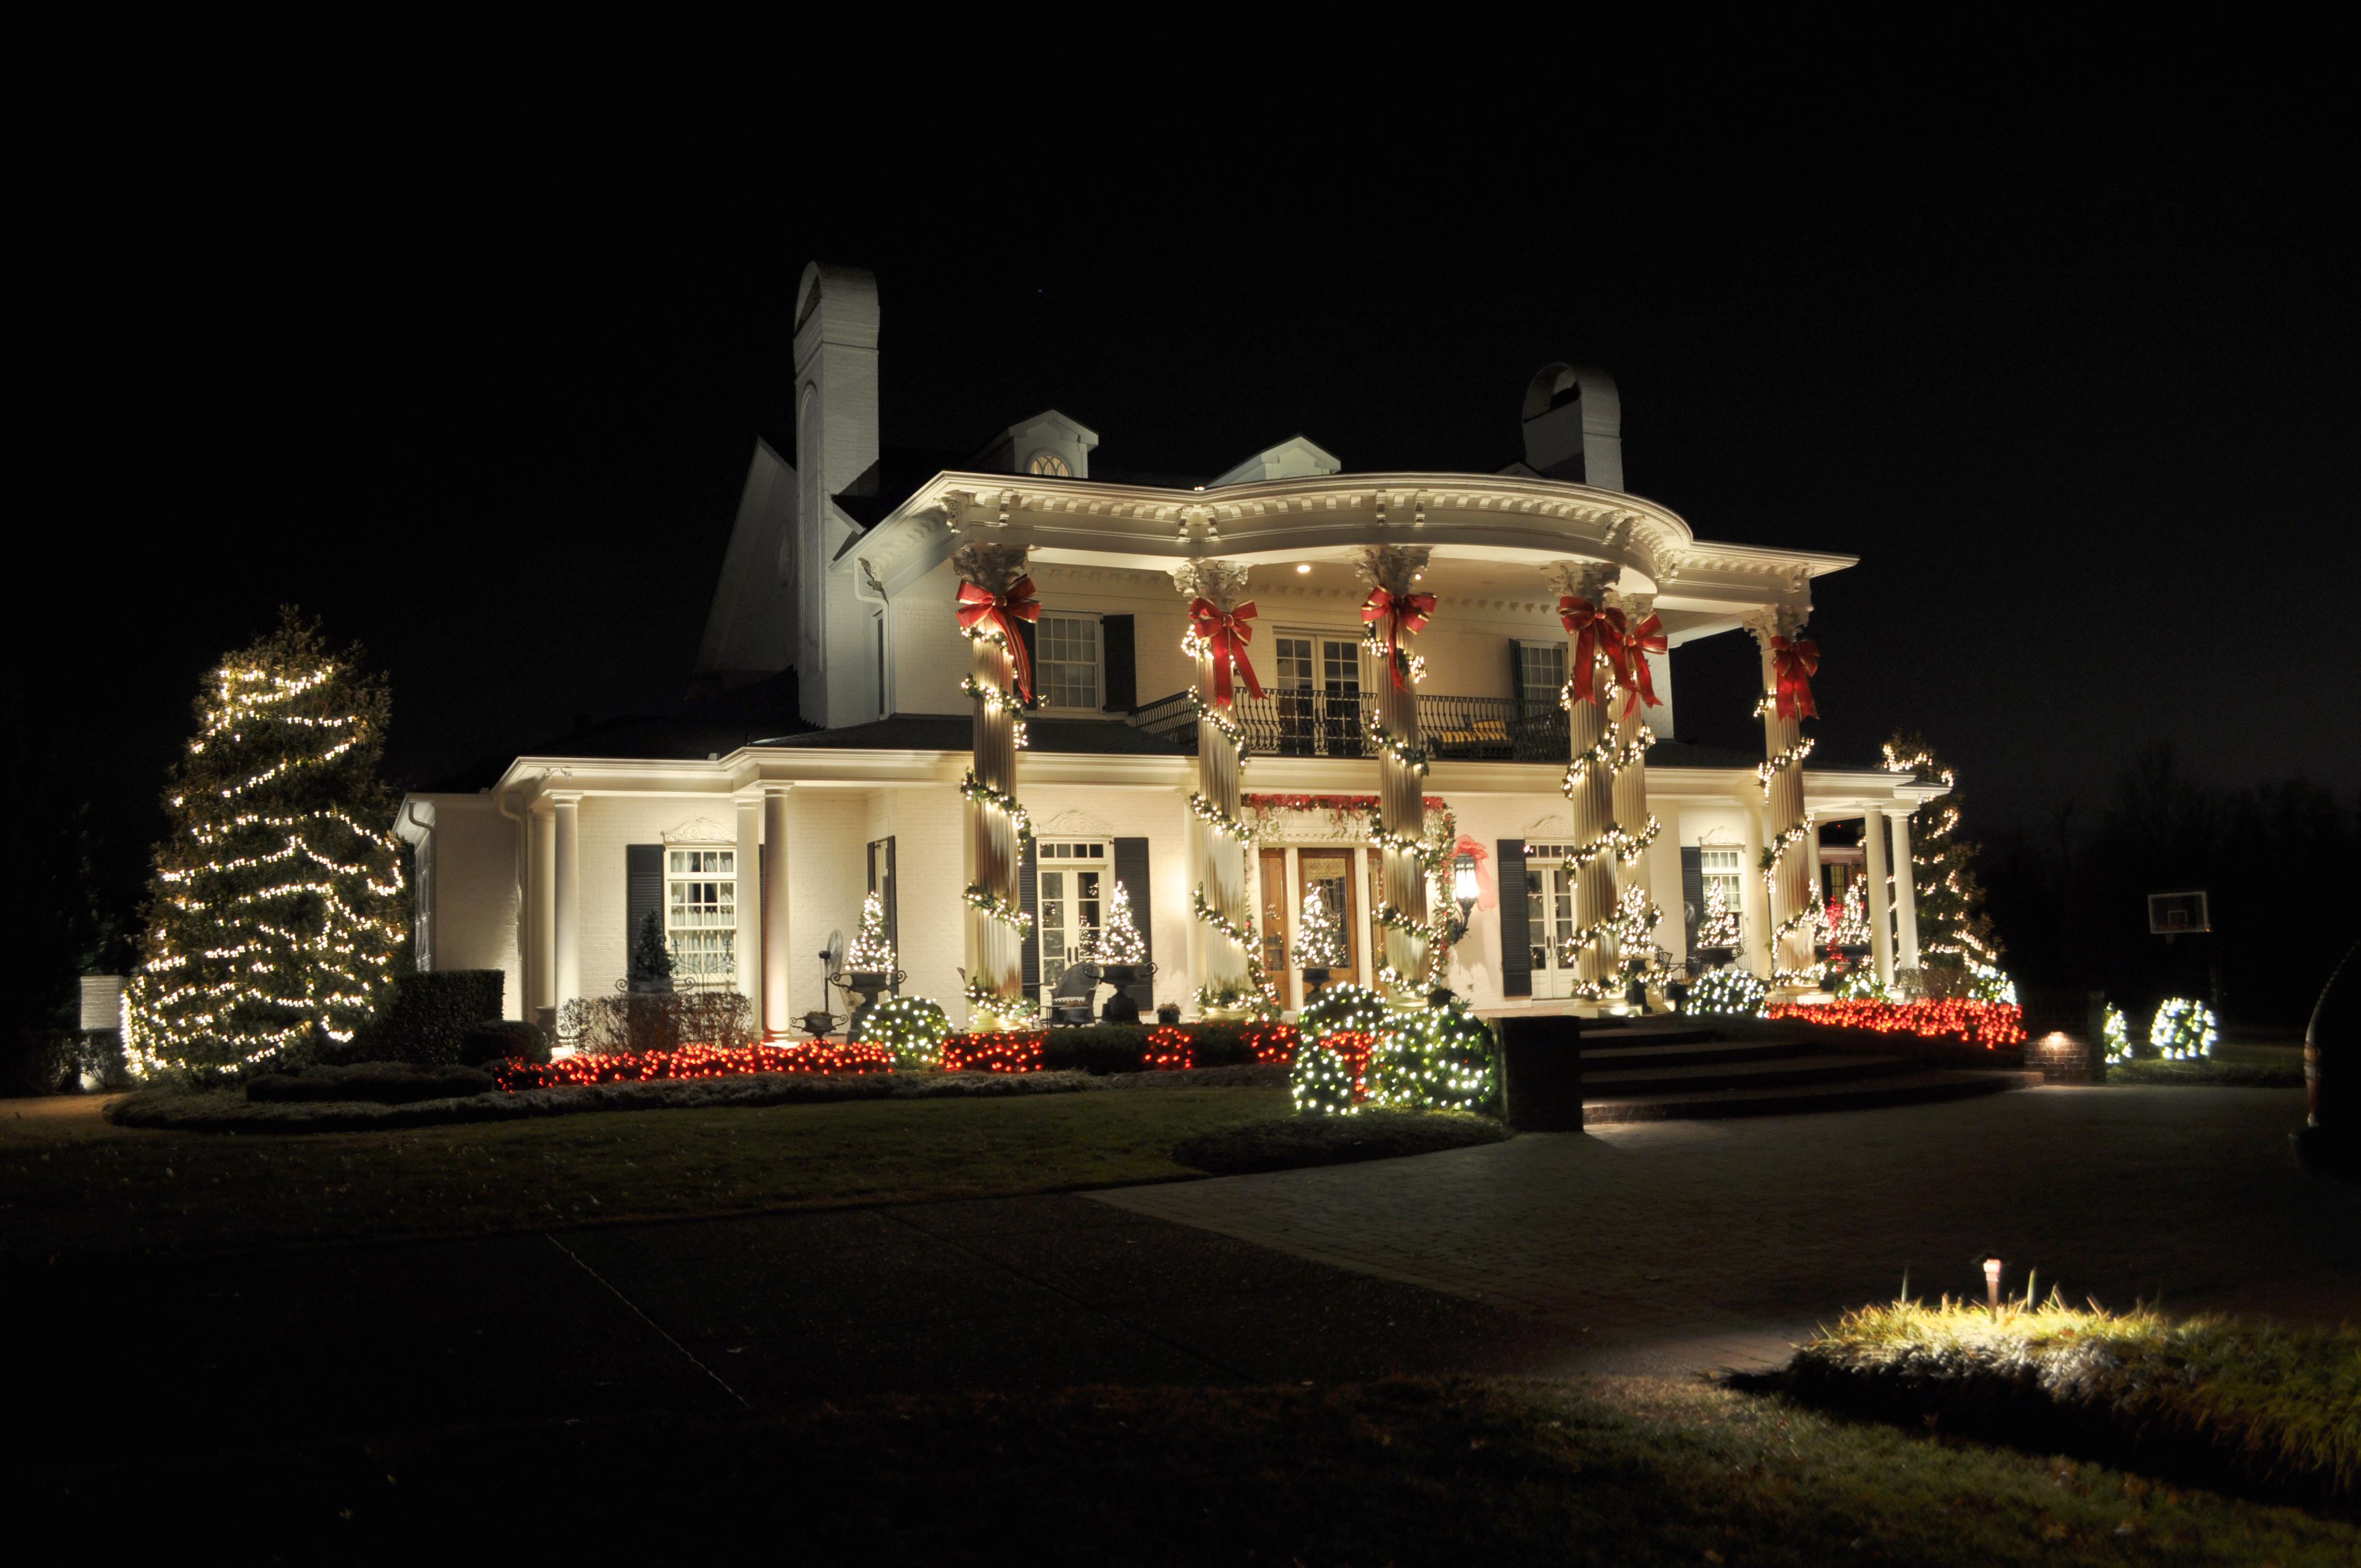 xmas lighting ideas. Outdoor Holiday Lighting Ideas LUmo Xmas O